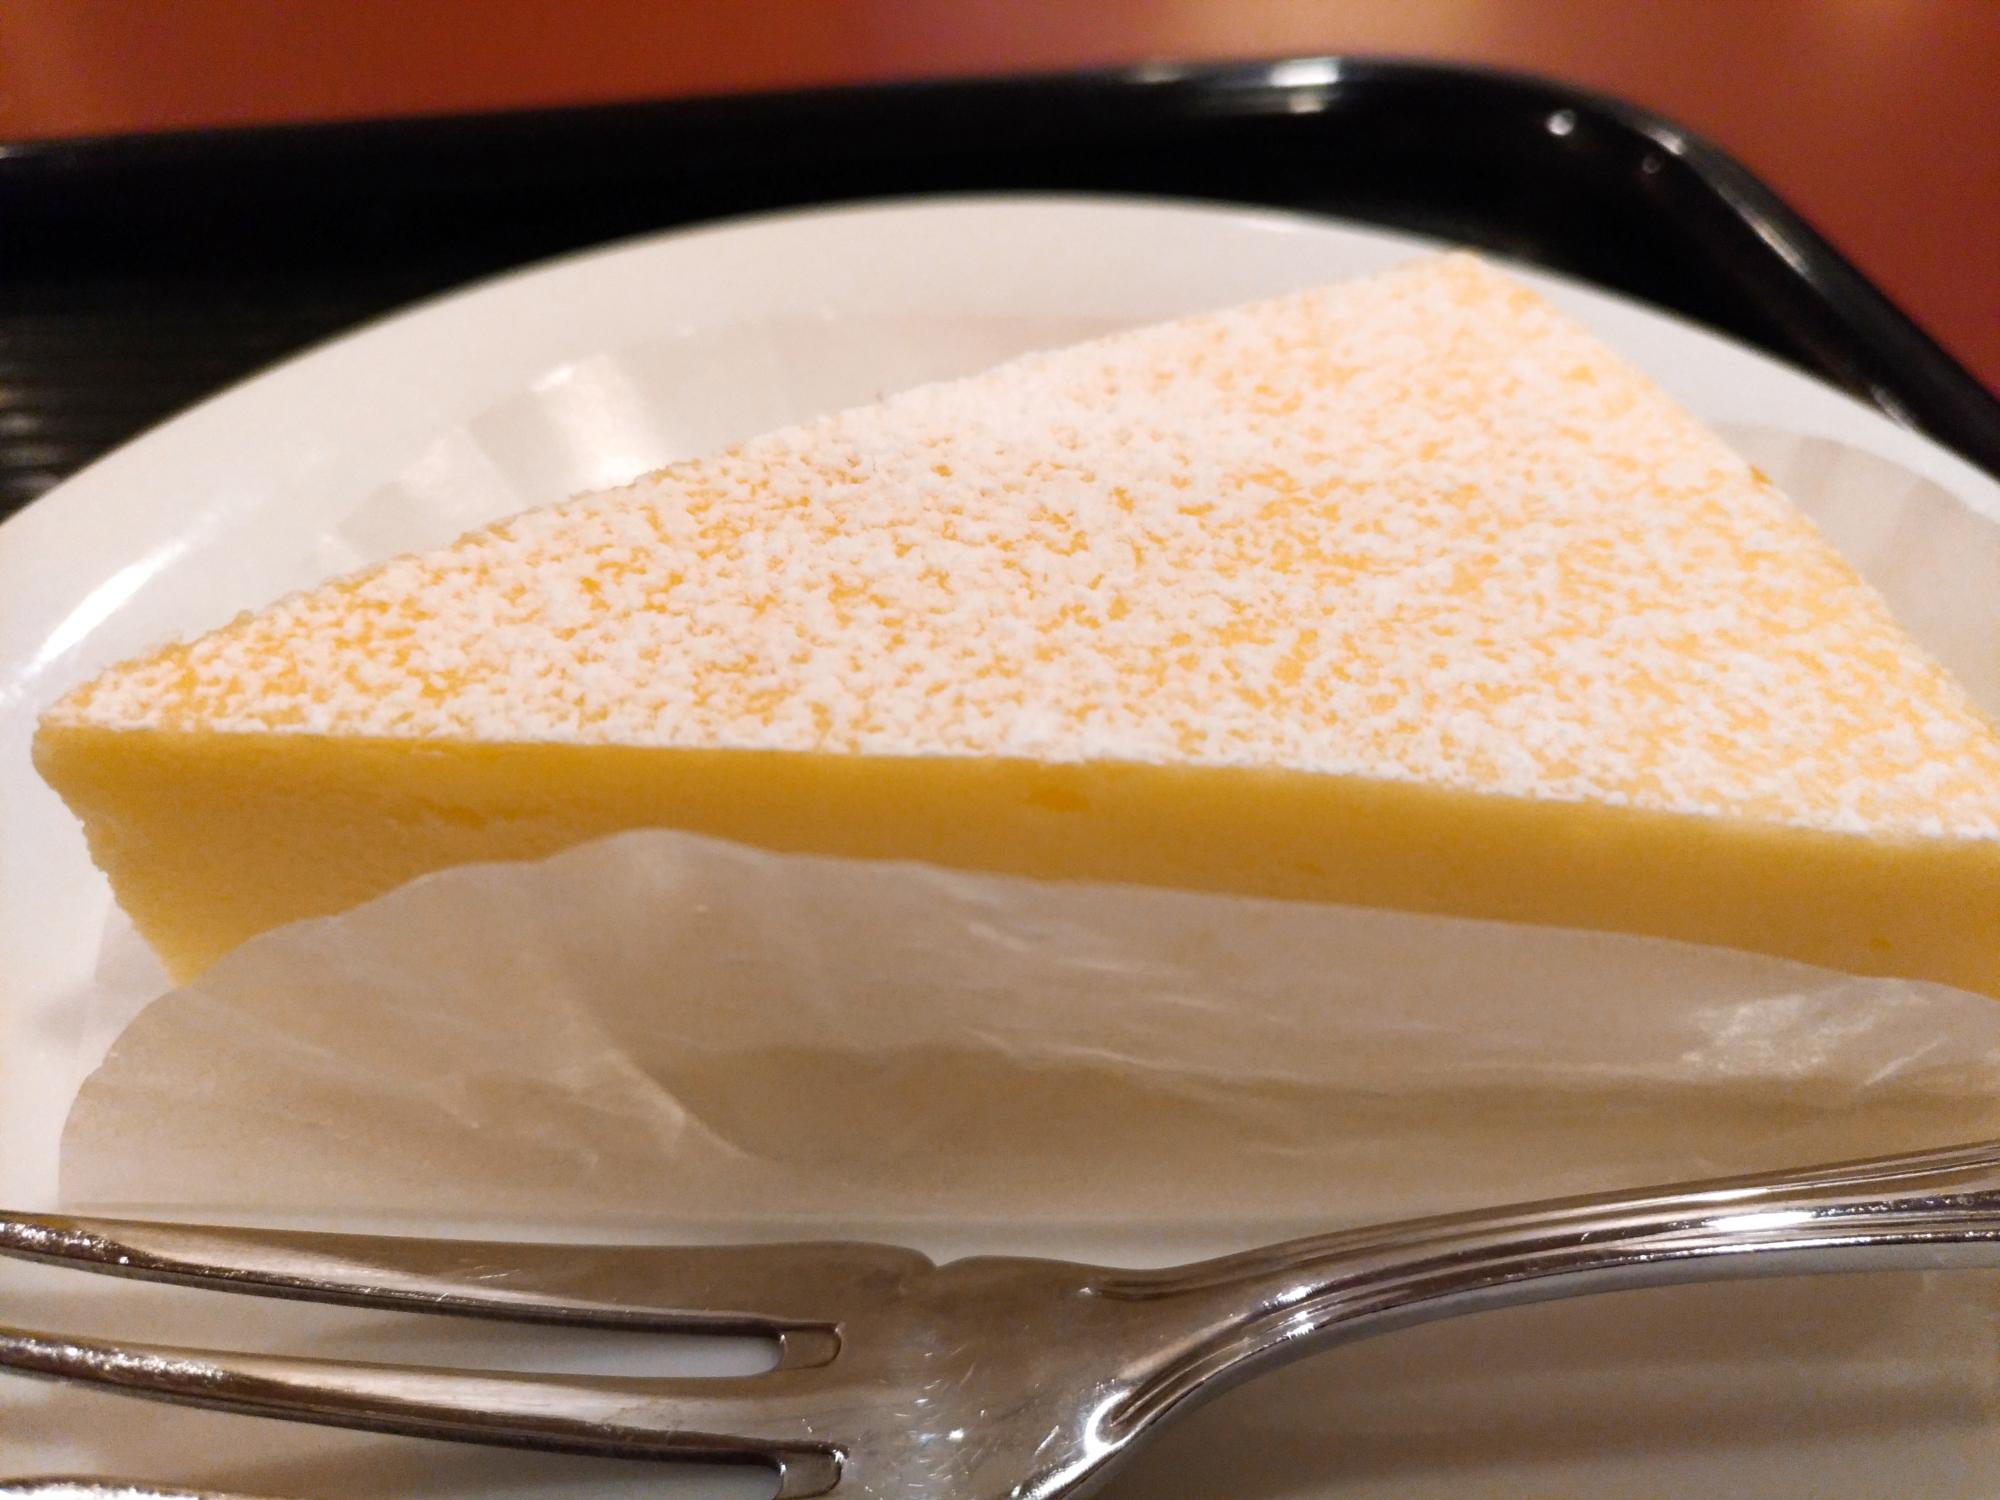 ベローチェ ベイクドチーズケーキ (7)_R